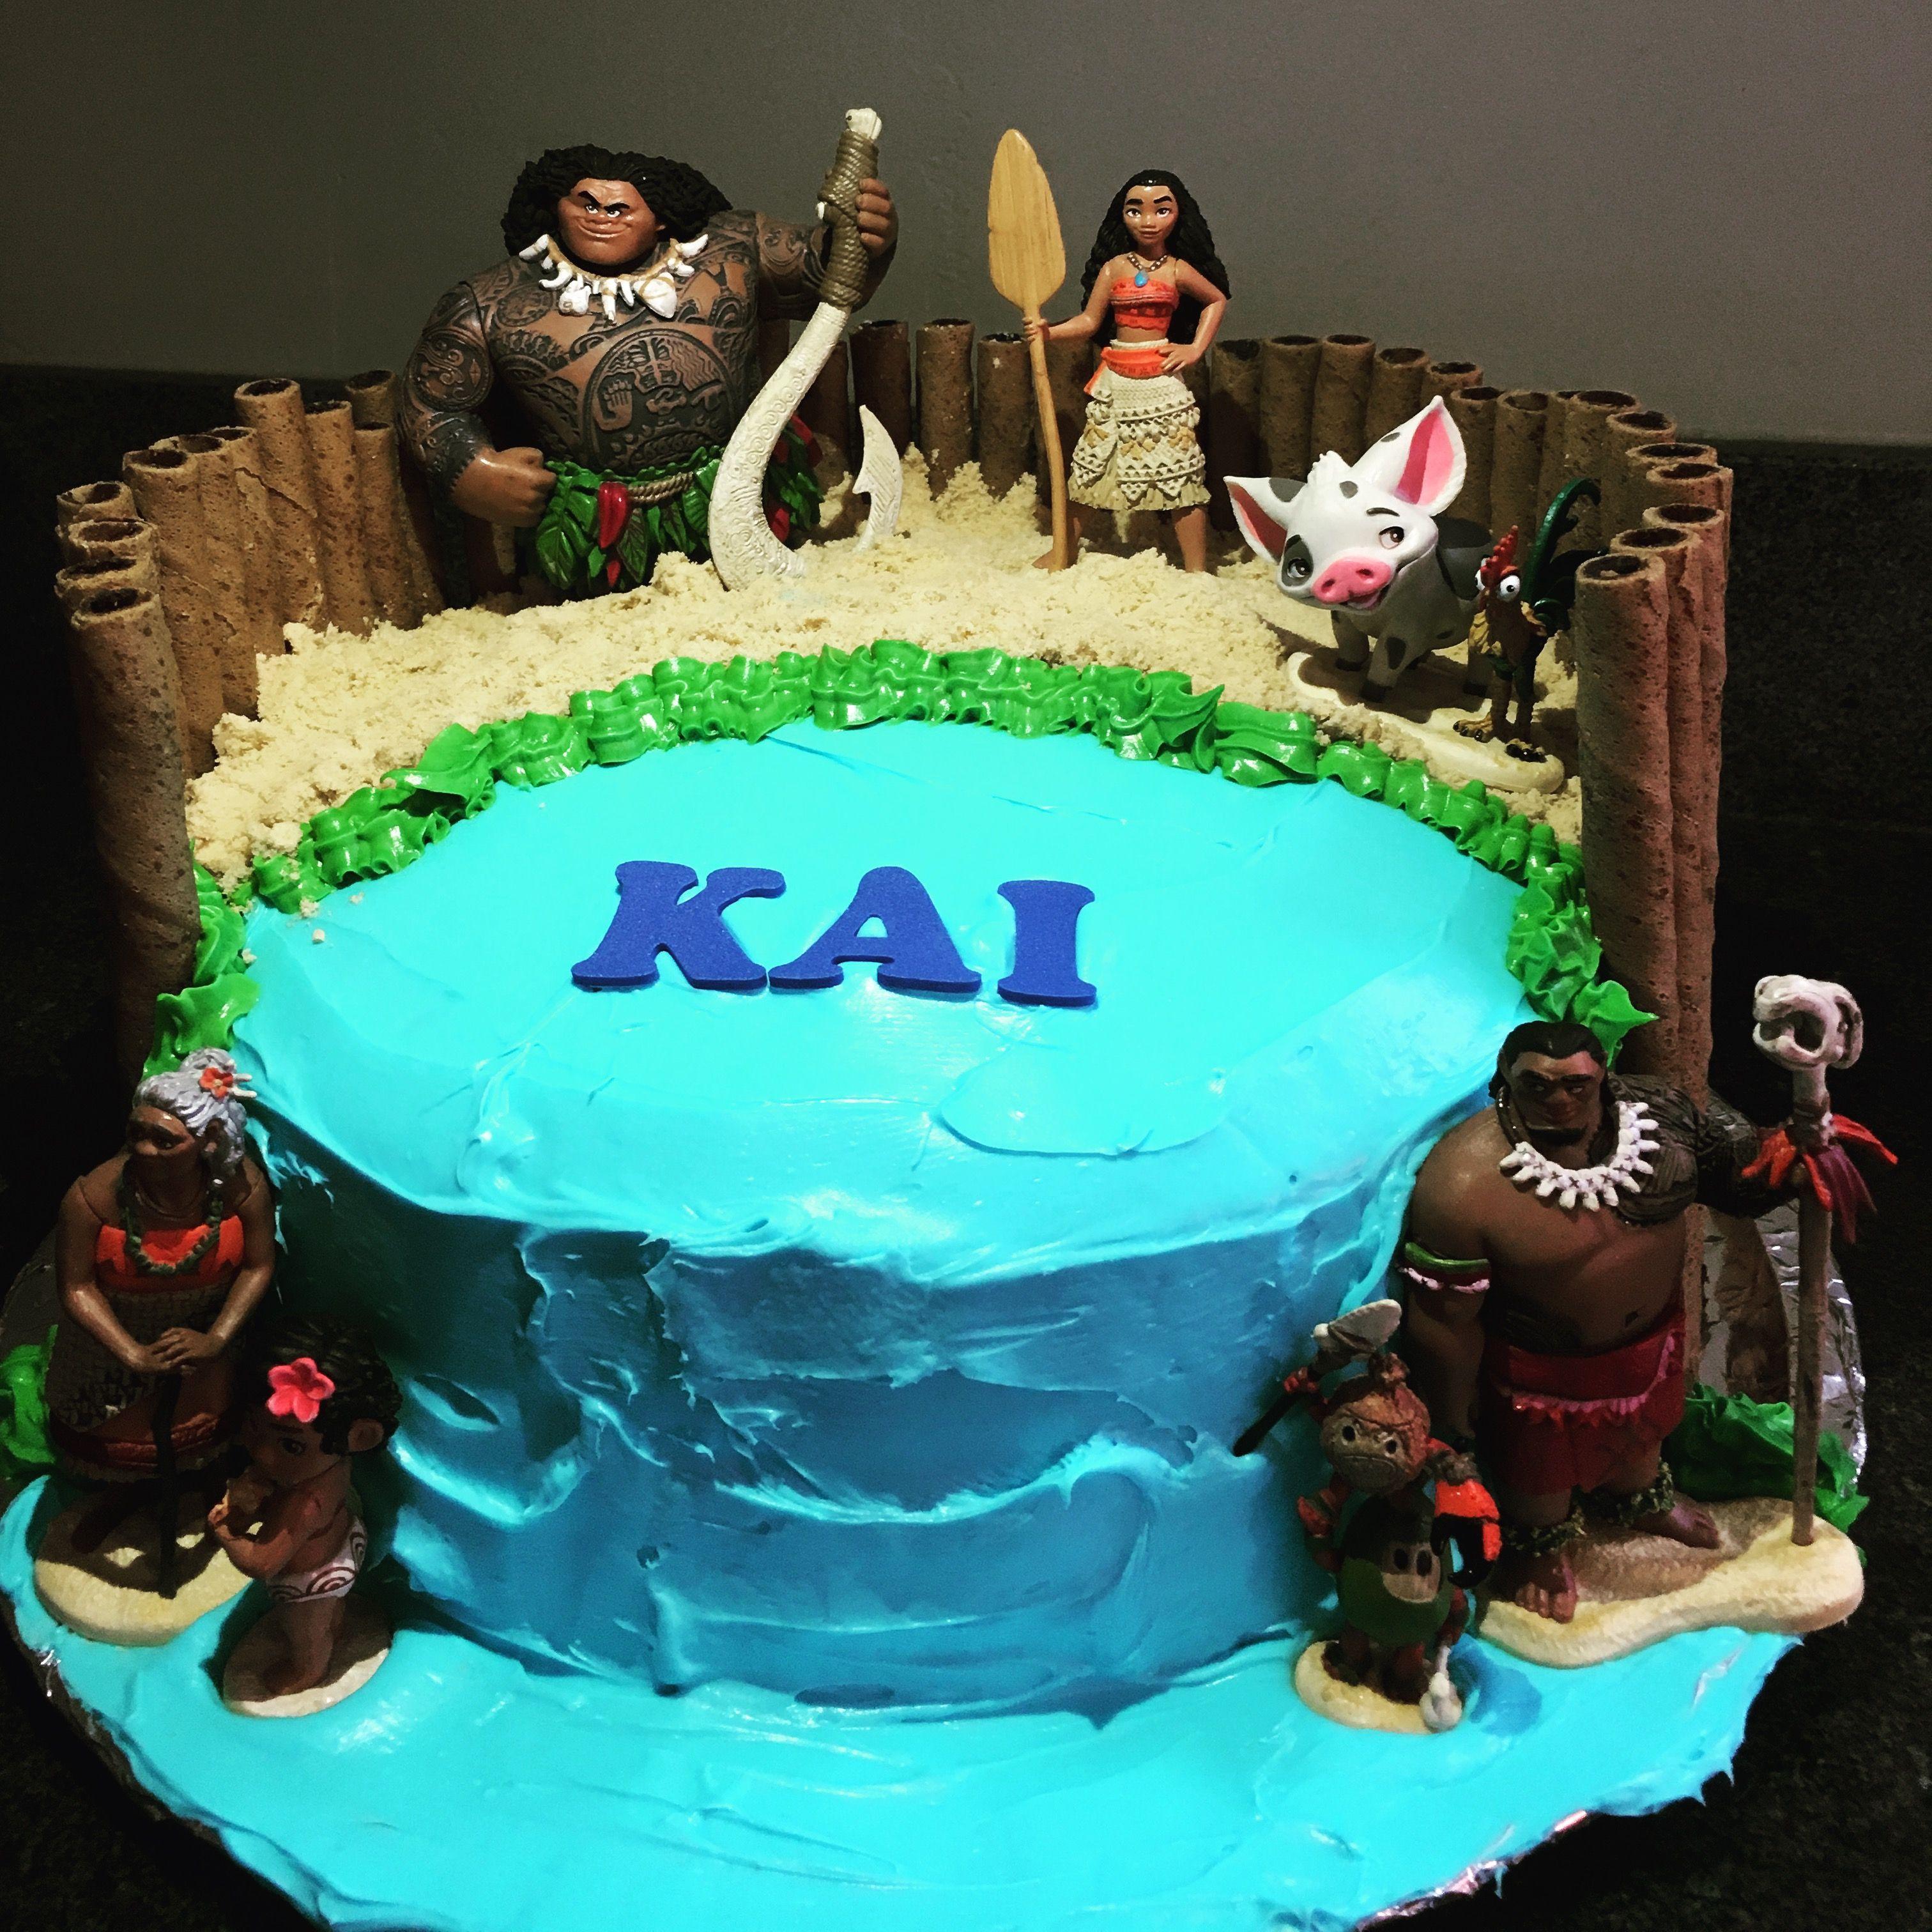 Moana And Maui Birthday Cake Birthday Cakes Pinterest Birthdays - Maui birthday cakes